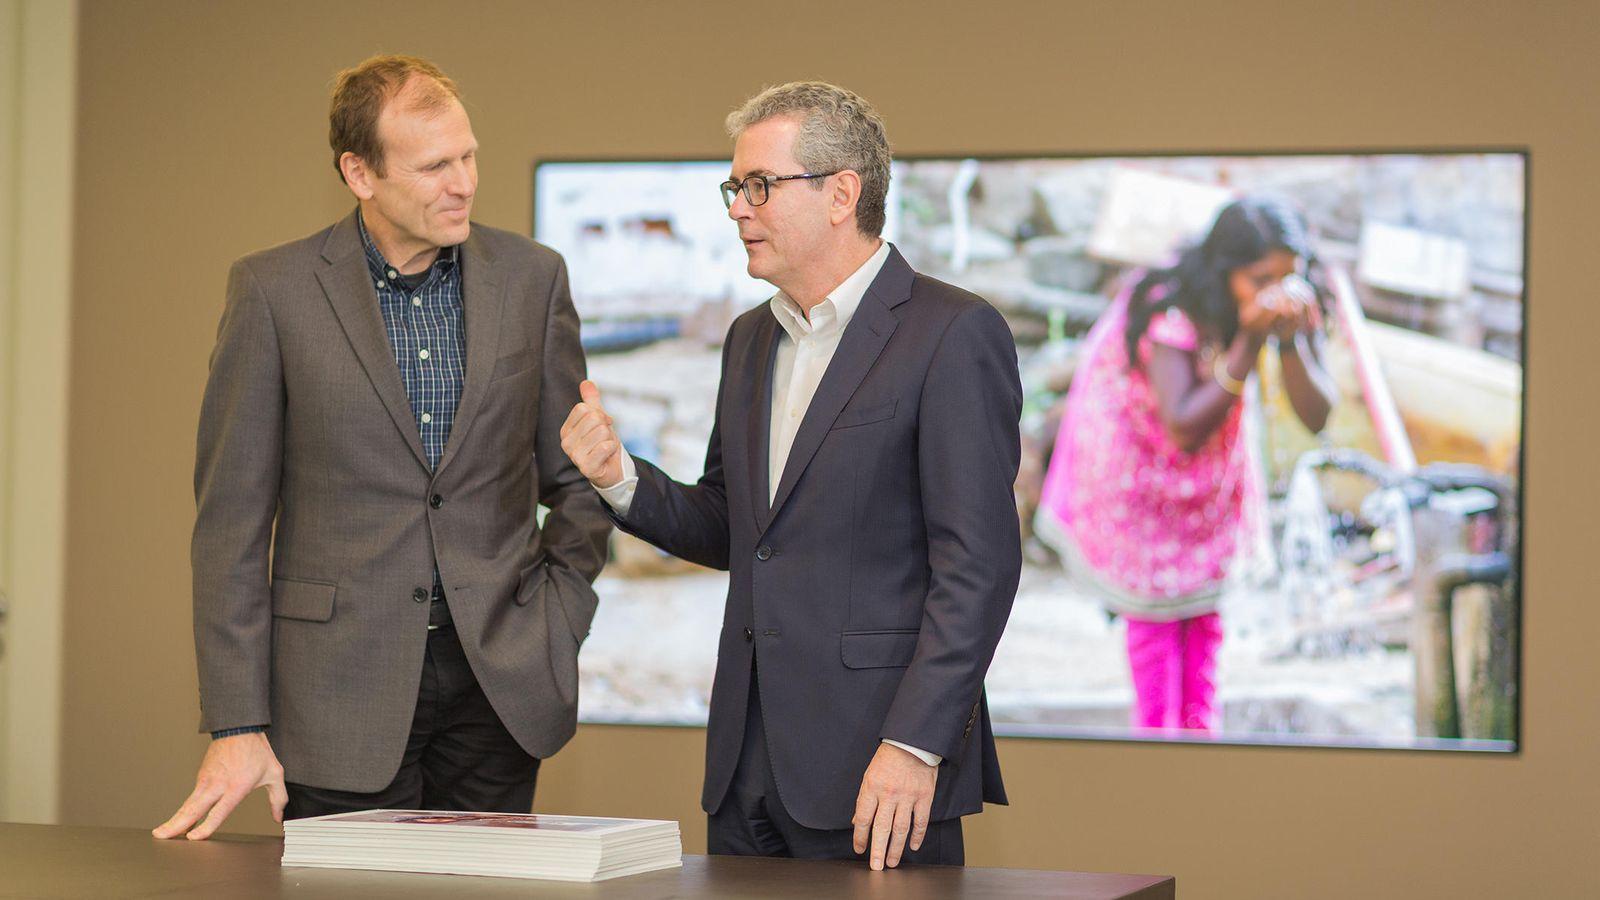 Foto: El presidente de Inditex, Pablo Isla, junto con el cofundador de Water.org, Gary White.